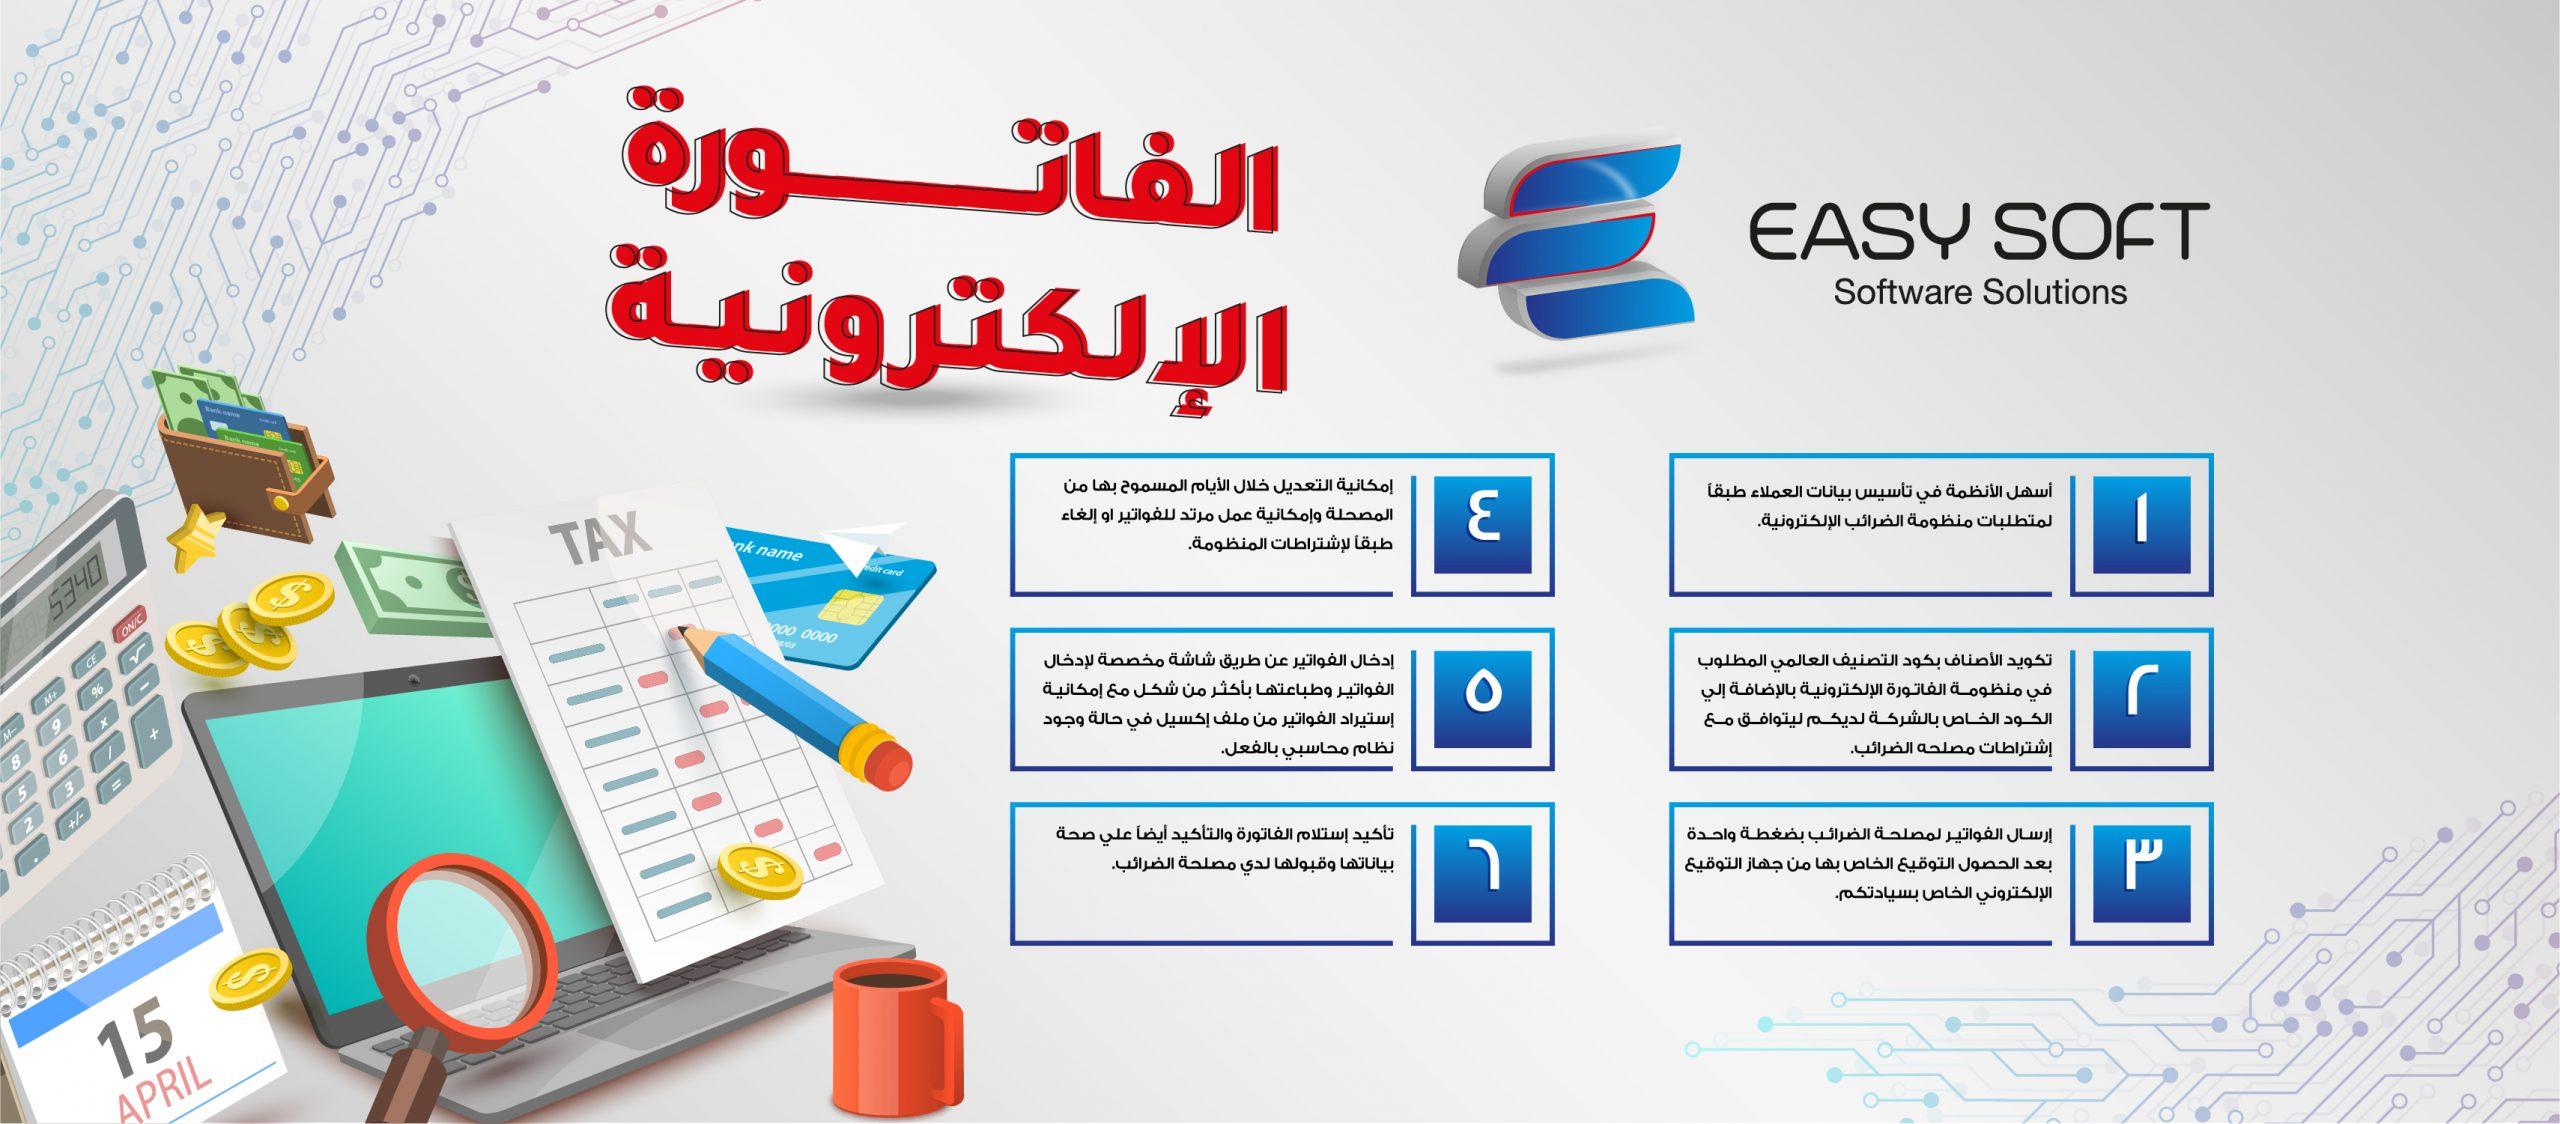 مميزات الفاتورة الإلكترونية